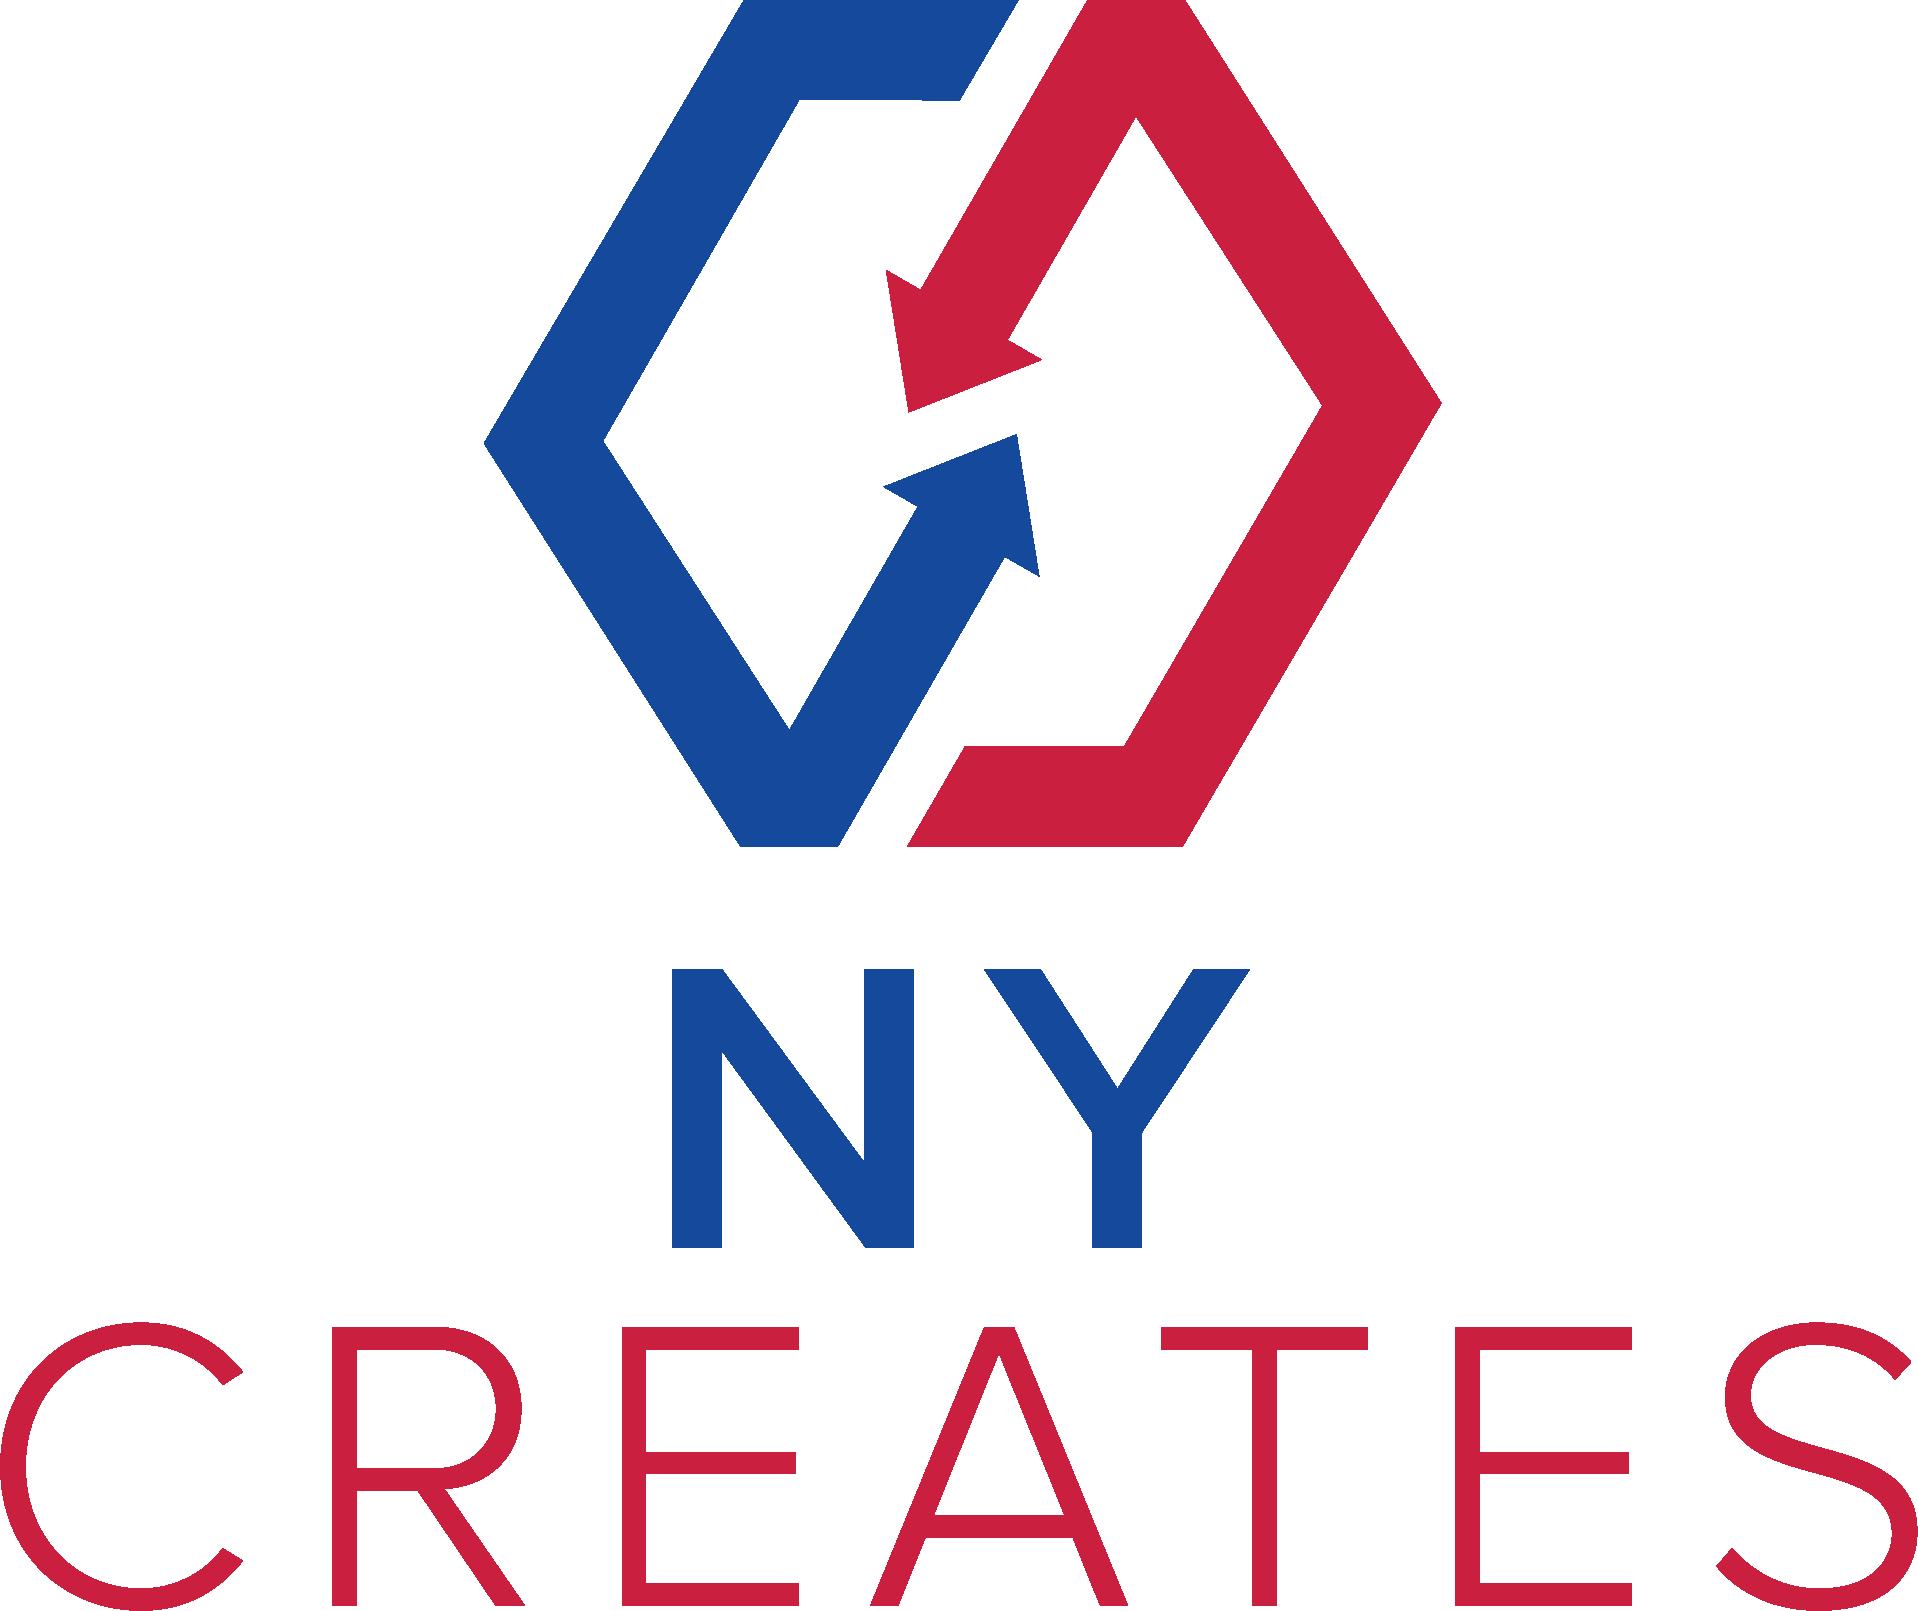 NY CREATES_social media lockup